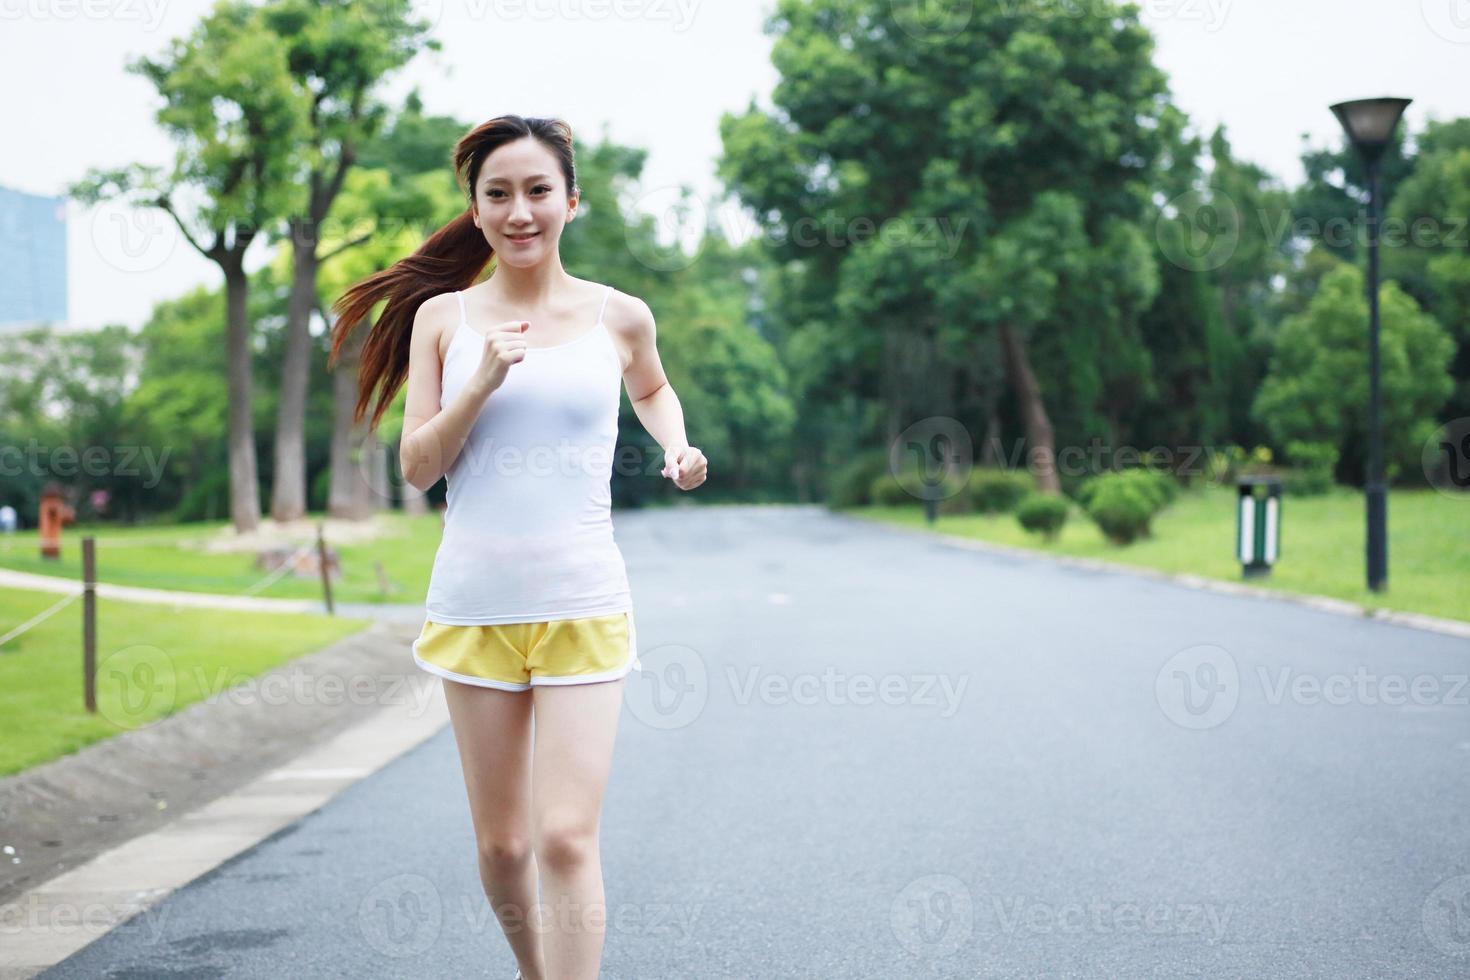 springande flicka foto